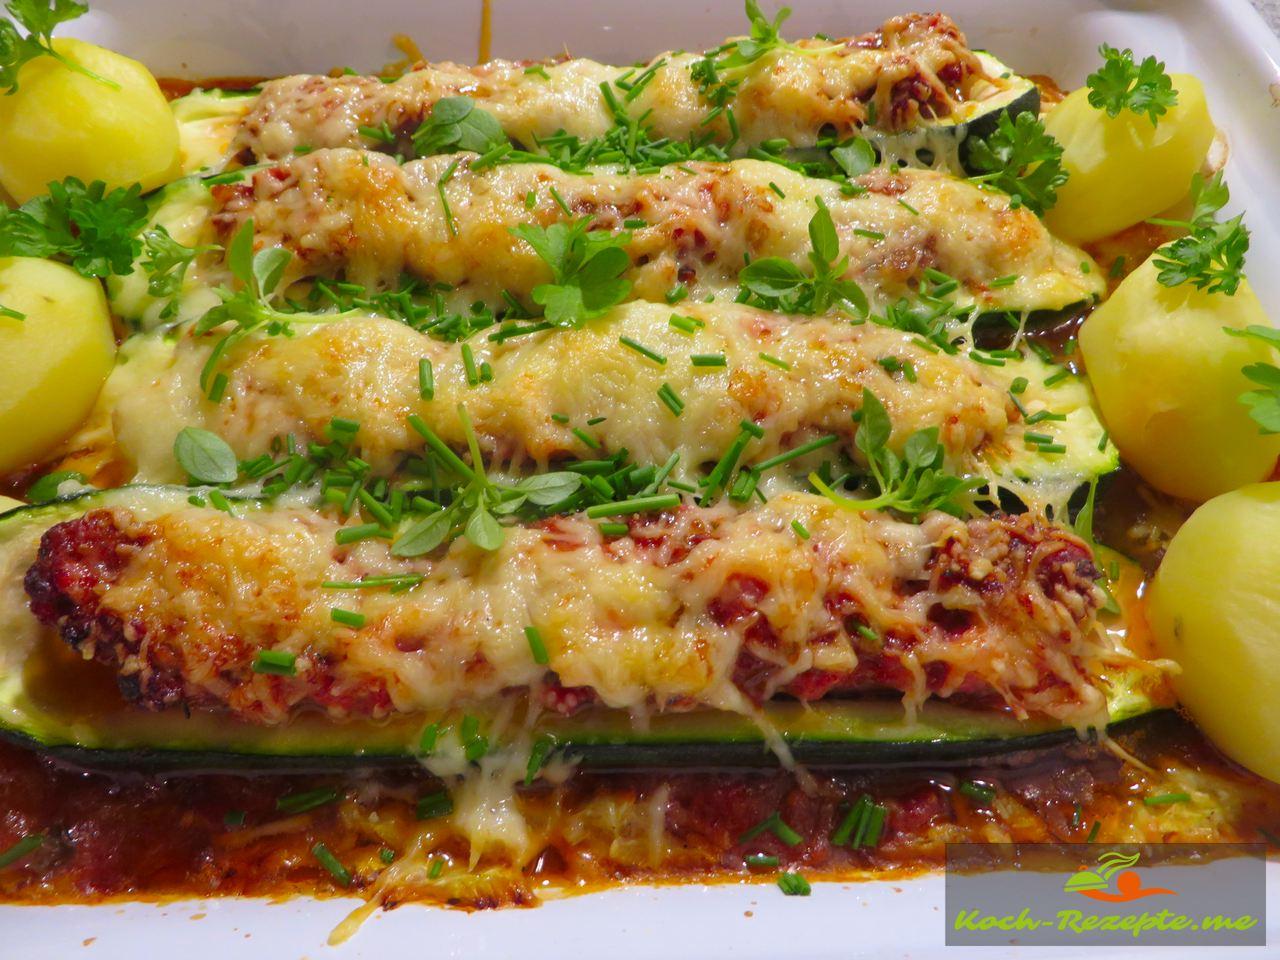 Nach der Backzeit zum Garnieren und servieren fertig gefüllte Zucchini überbacken auf Paprikagemüse, Rezept mit französischer Bratwurst.